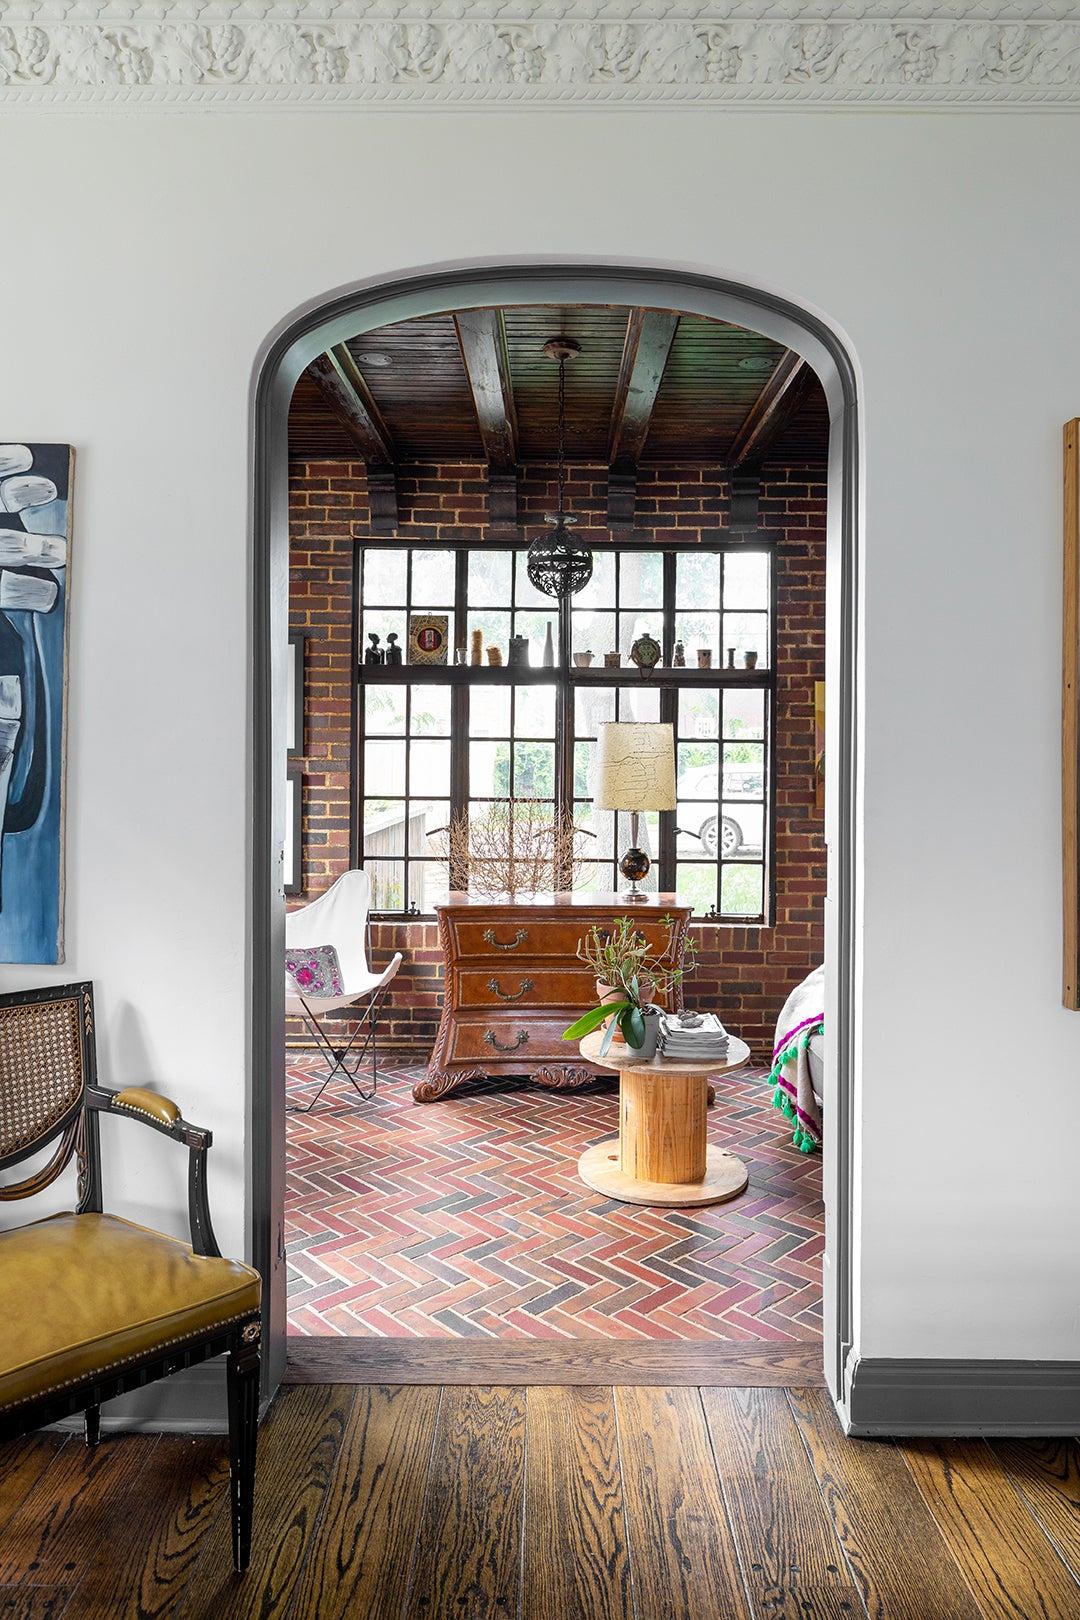 archway looking into brick room